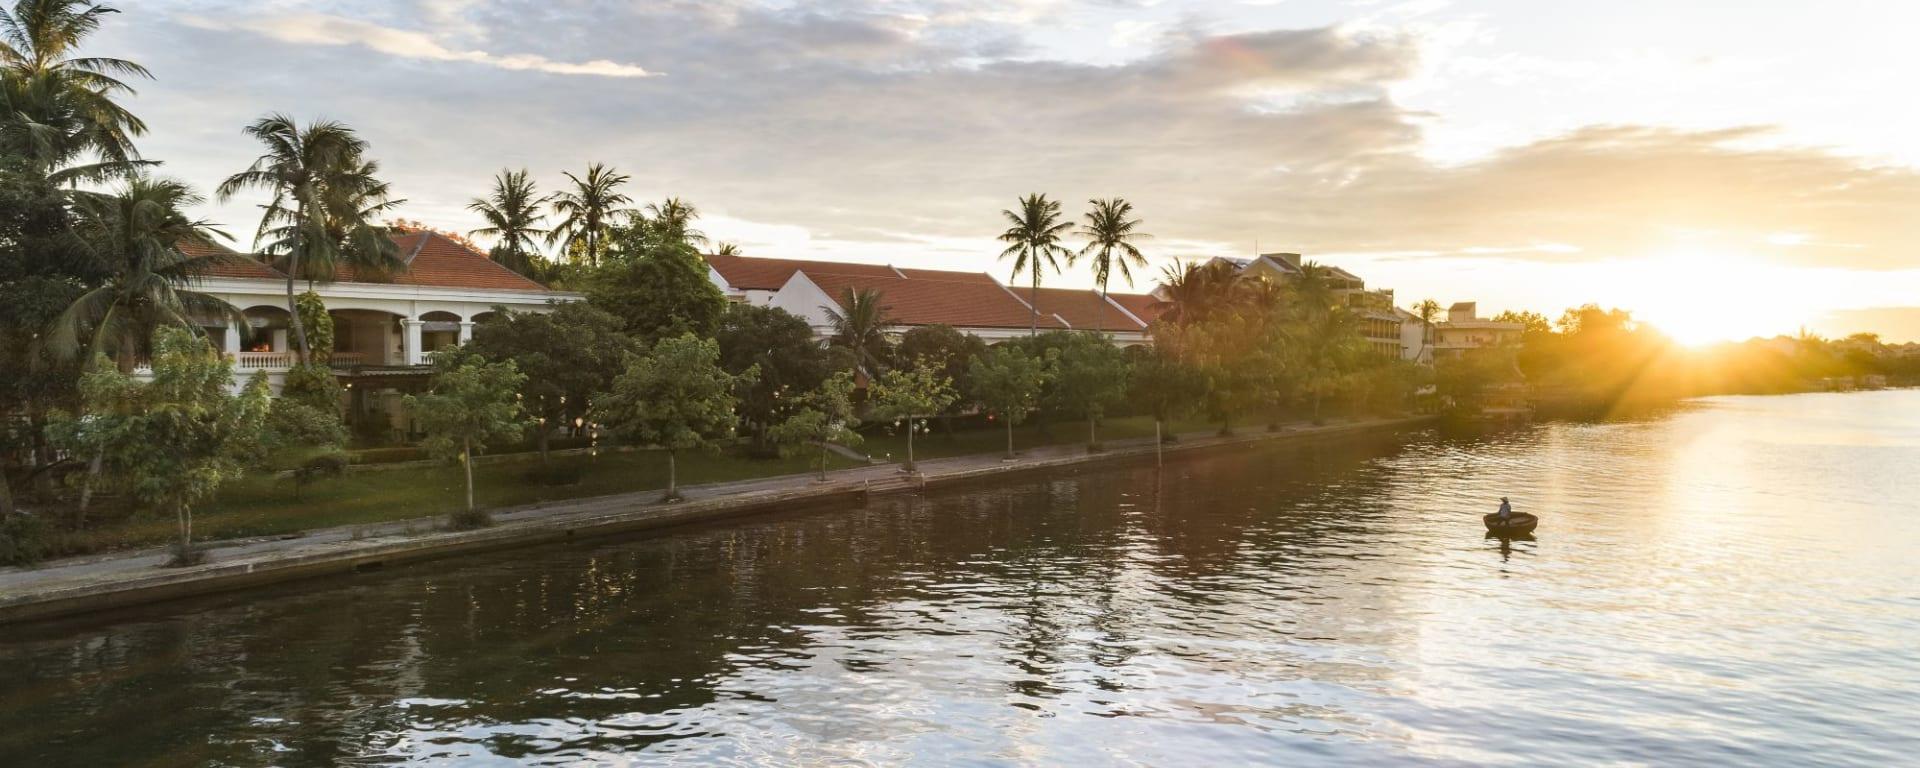 Anantara Hoi An Resort: Anantara Hoi An view from Thu Bon River